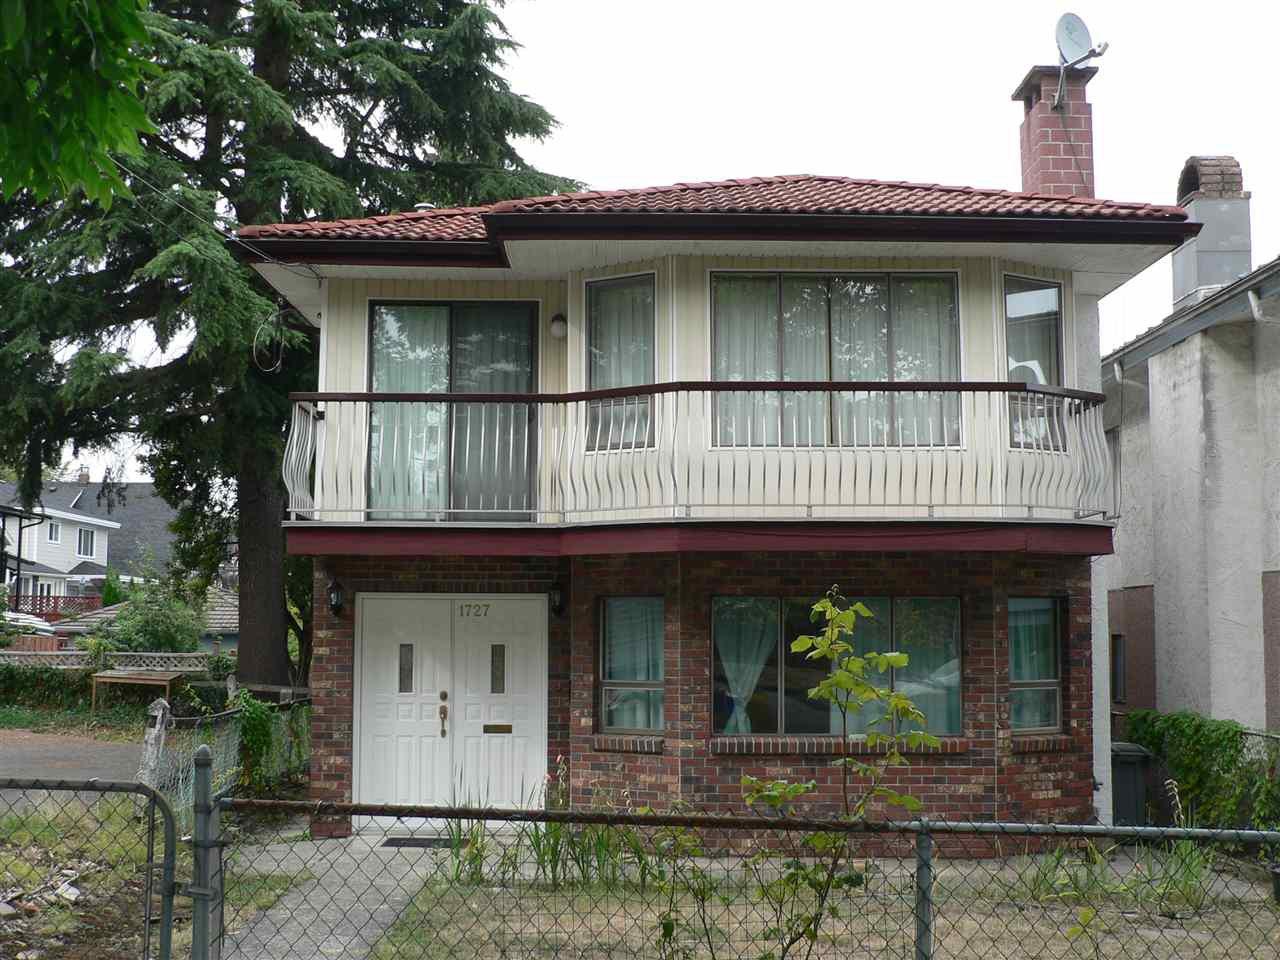 """Main Photo: 1727 E 29TH Avenue in Vancouver: Victoria VE House for sale in """"Victoria"""" (Vancouver East)  : MLS®# R2400685"""